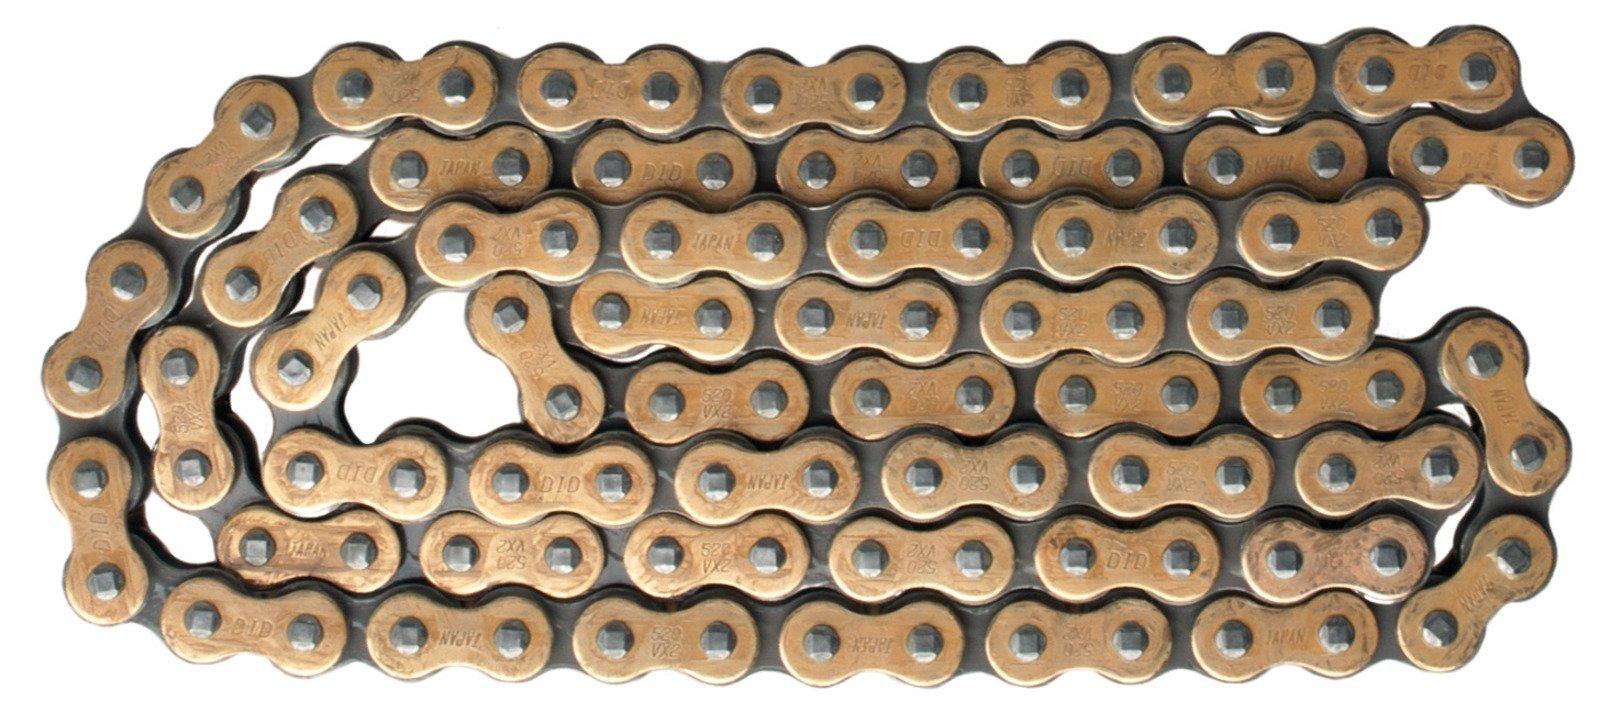 DID X-Ring Chain 520VX3 'G&B' 98 Links